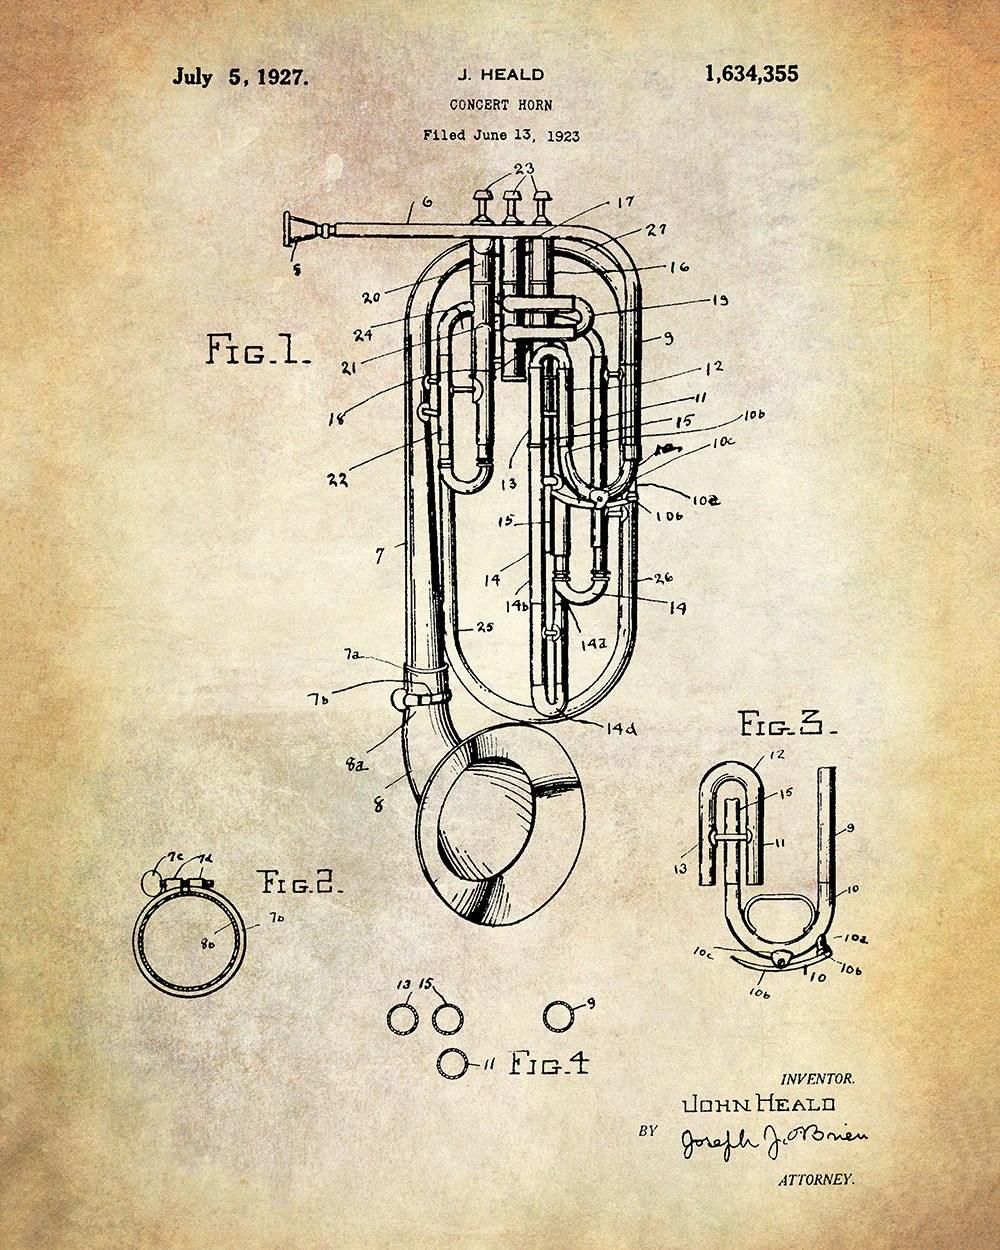 hight resolution of patent art print heald concert horn musical instrument patent art print brass musical instrument patent art print john head patent